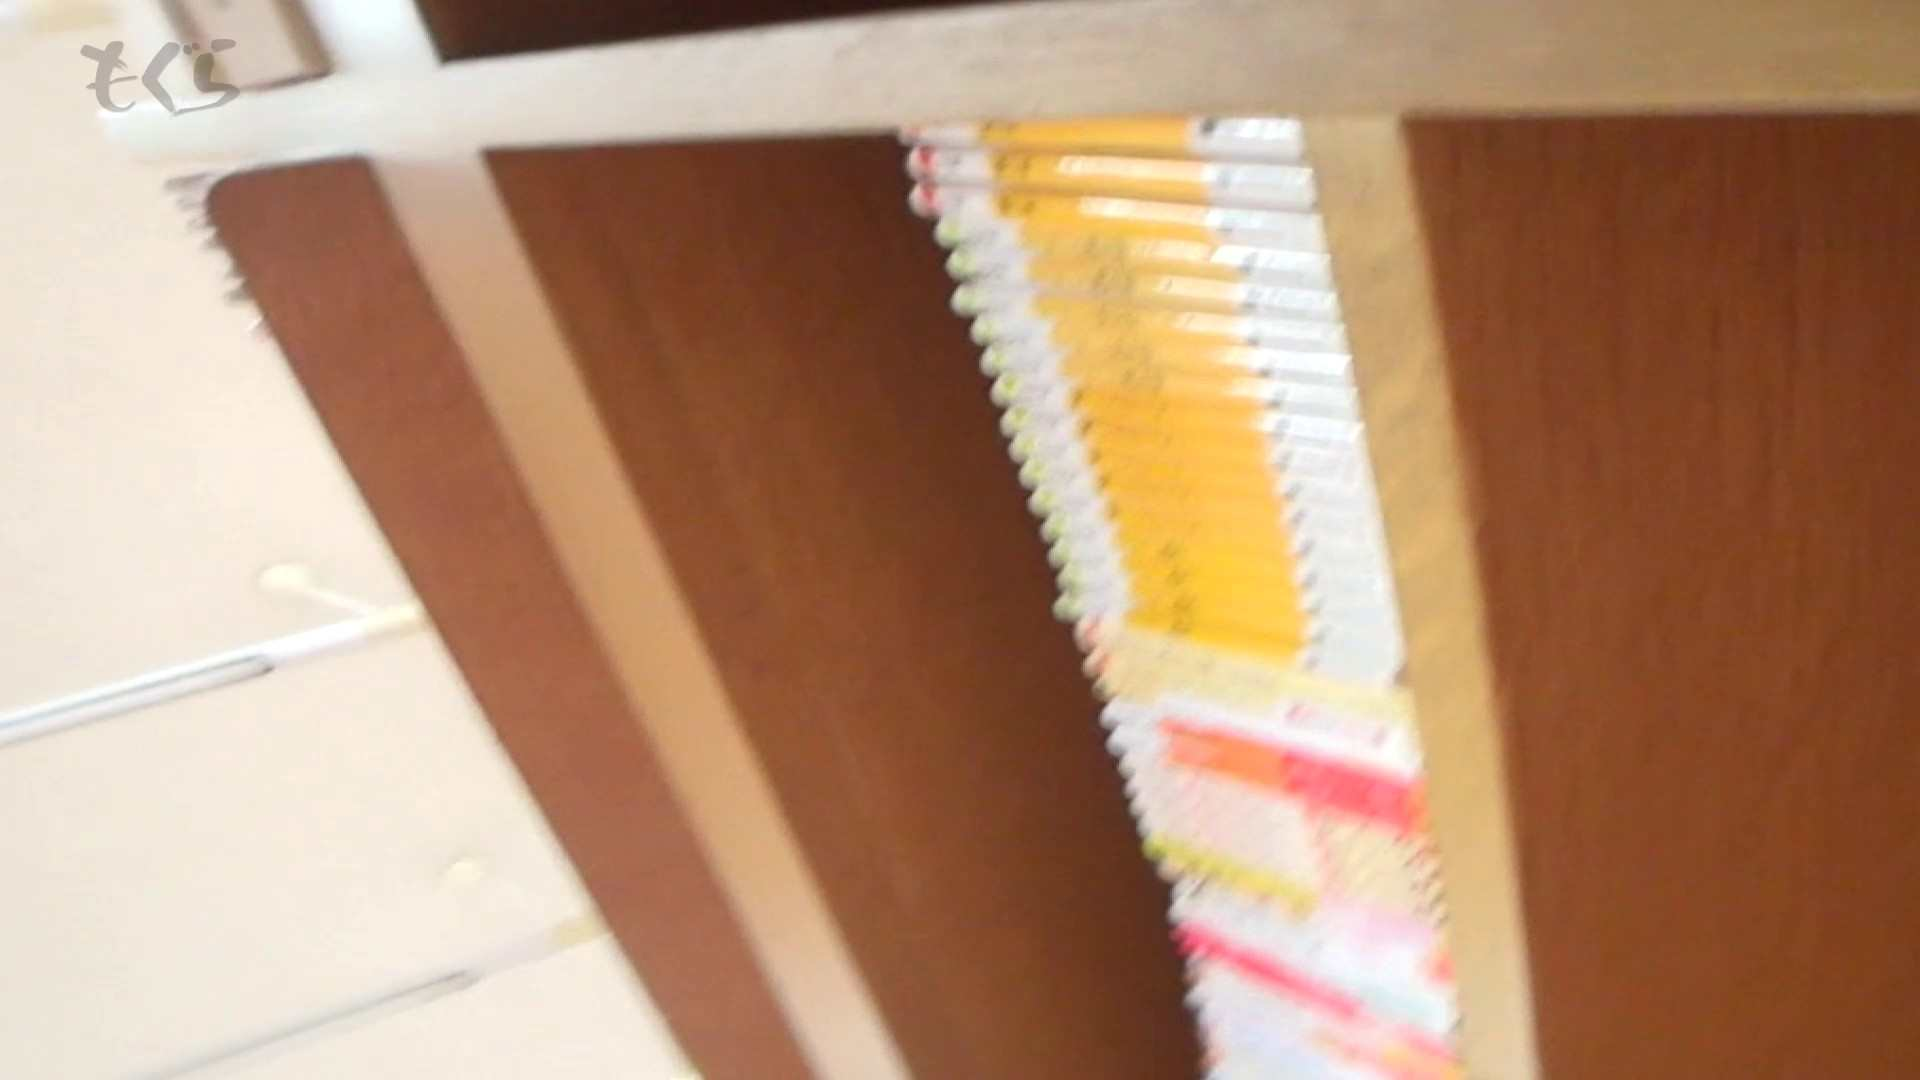 隣から【期間限定品】No.02 文庫女子はやはり白パン!! 期間限定 | 0  68連発 13